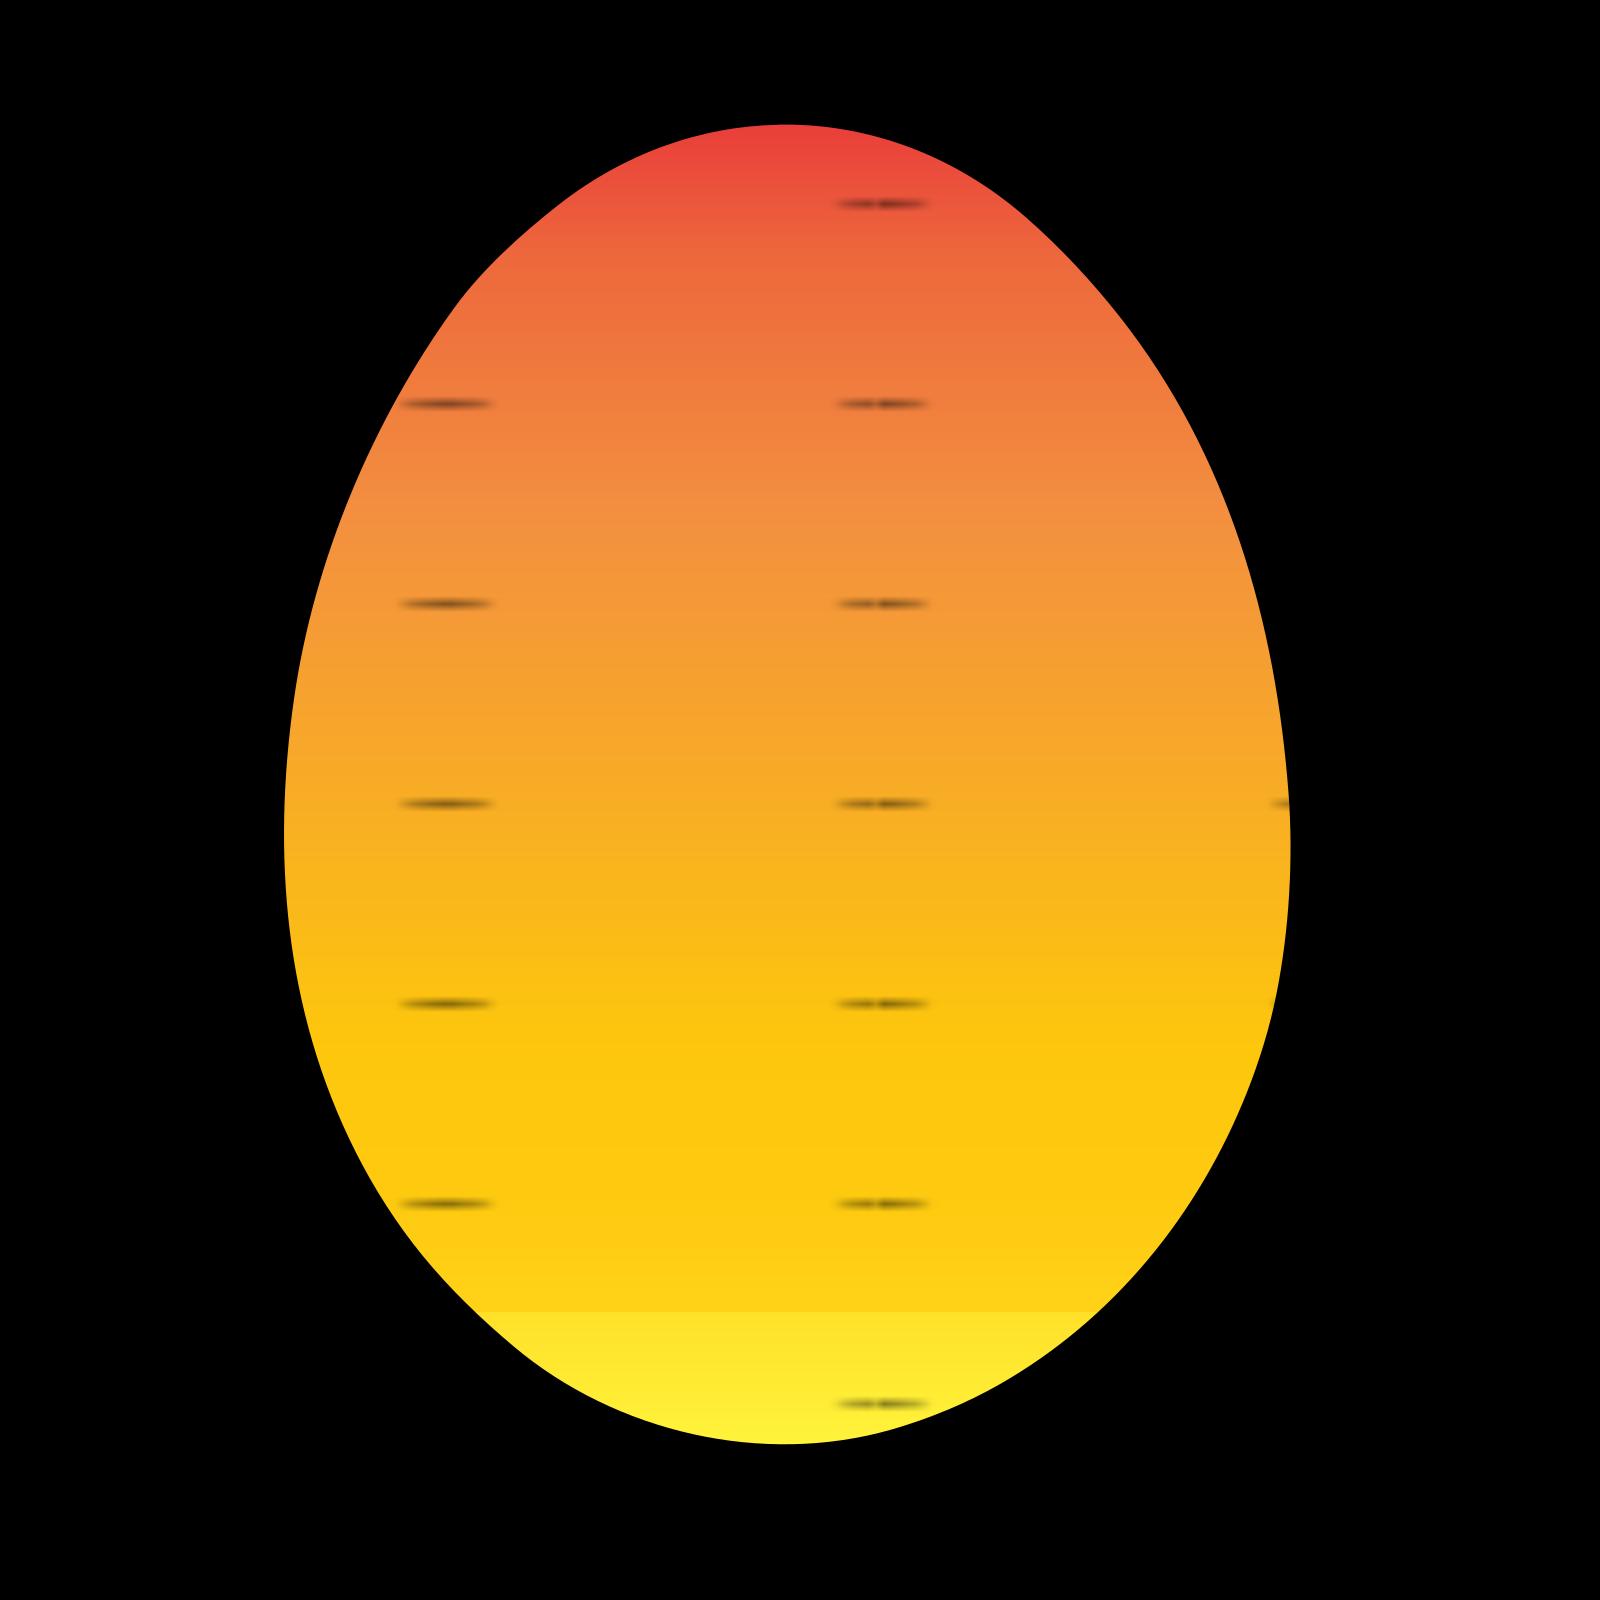 Brown Egg SVG Clip arts